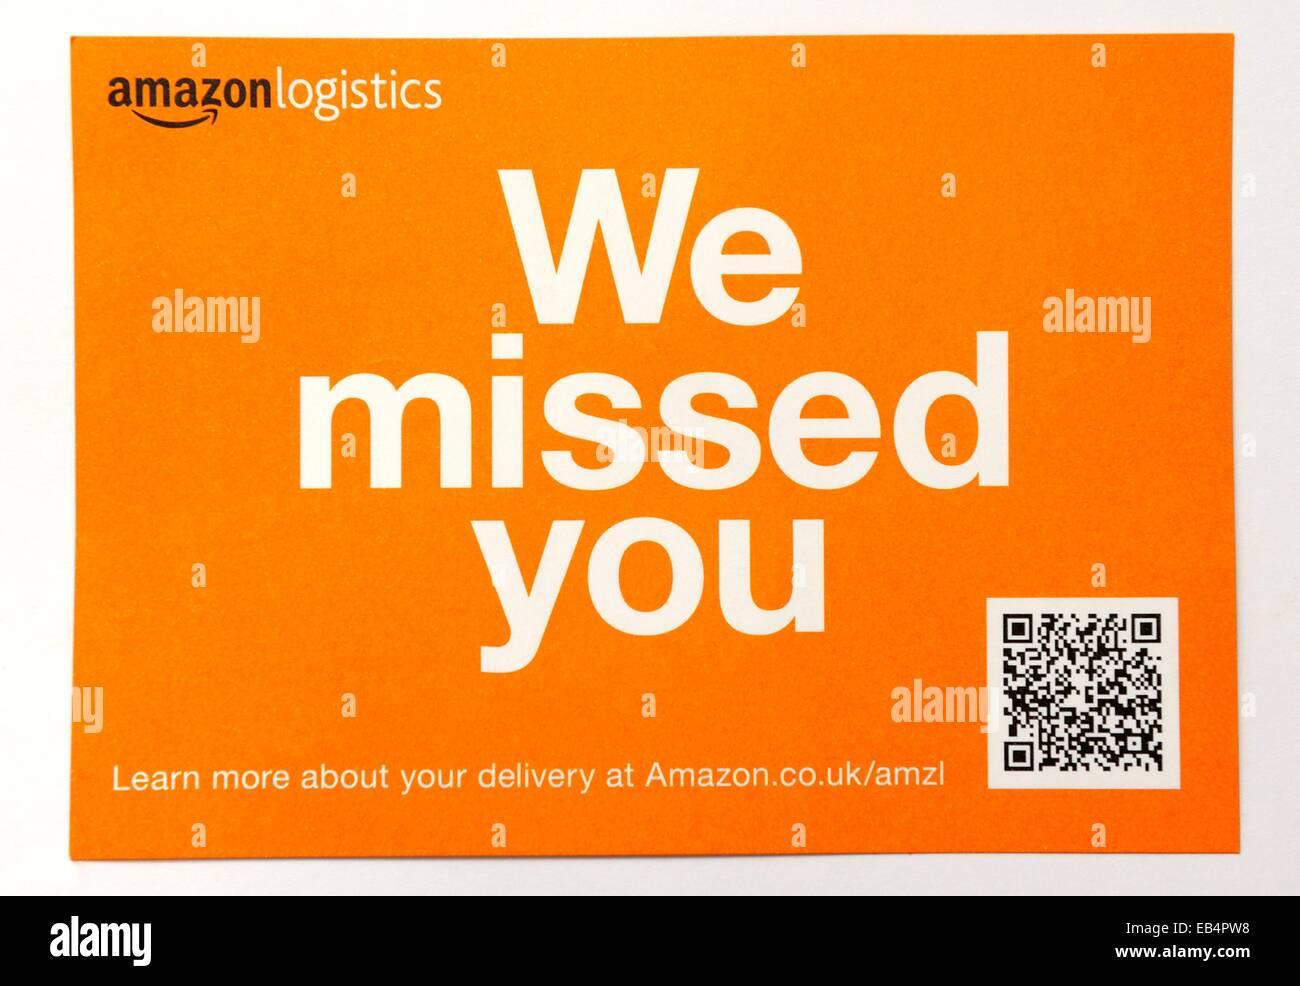 Amazon logistics we missed you postcard England uk - Stock Image